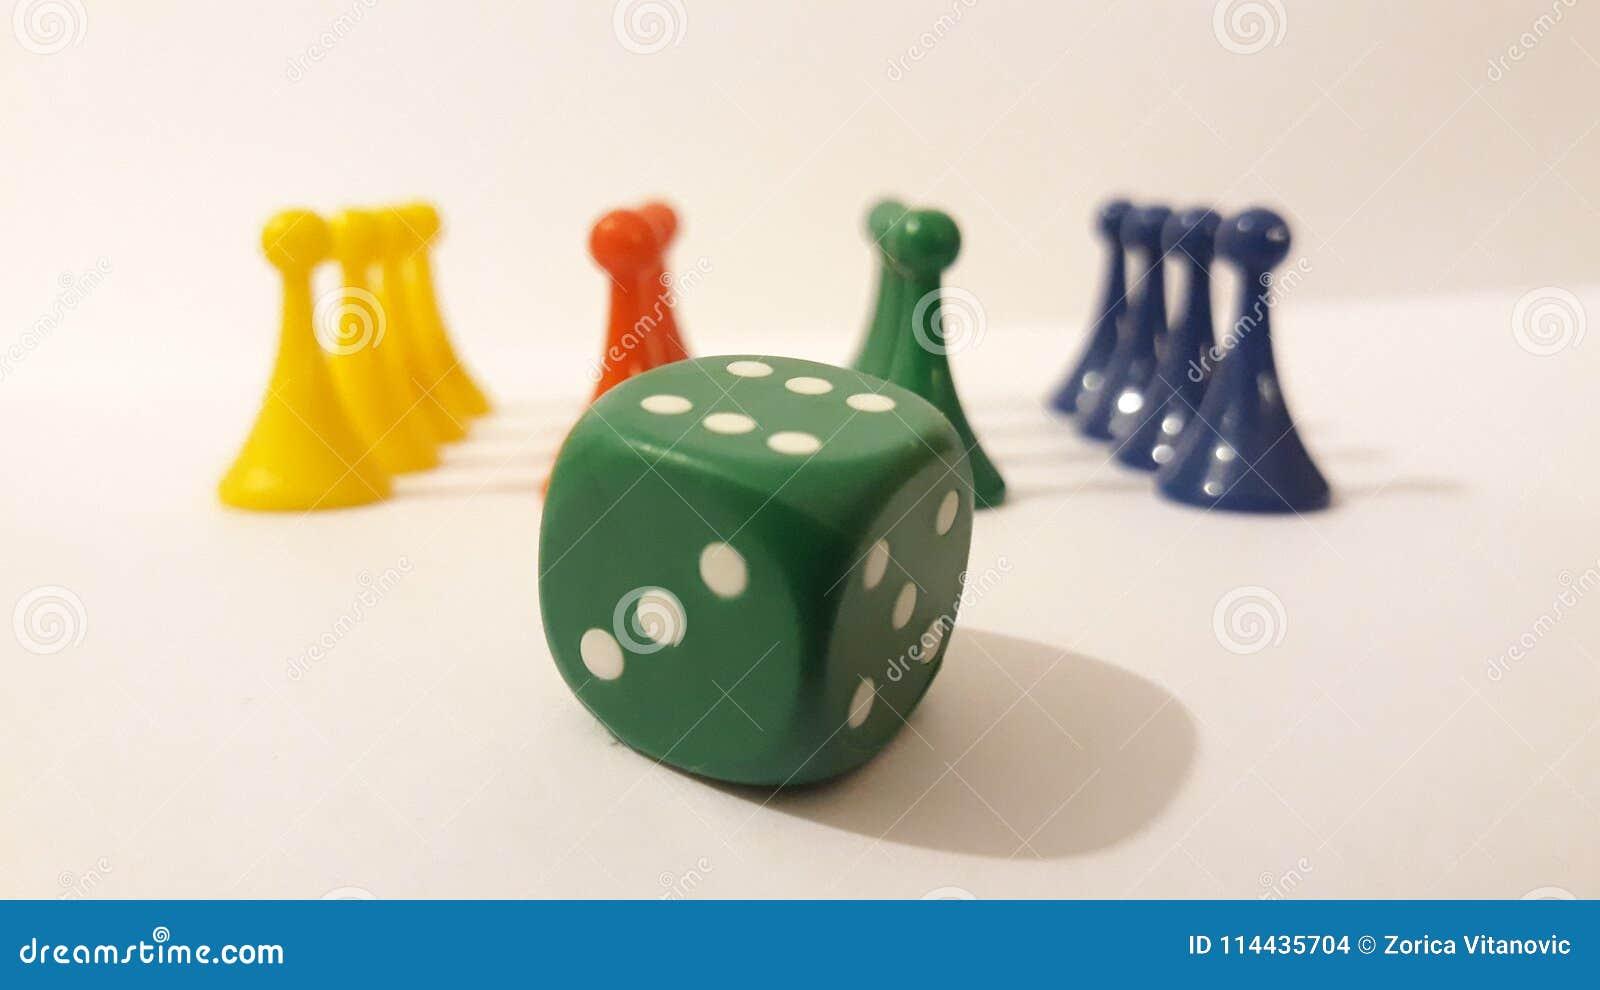 Gra planszowa kawałki z kostka do gry